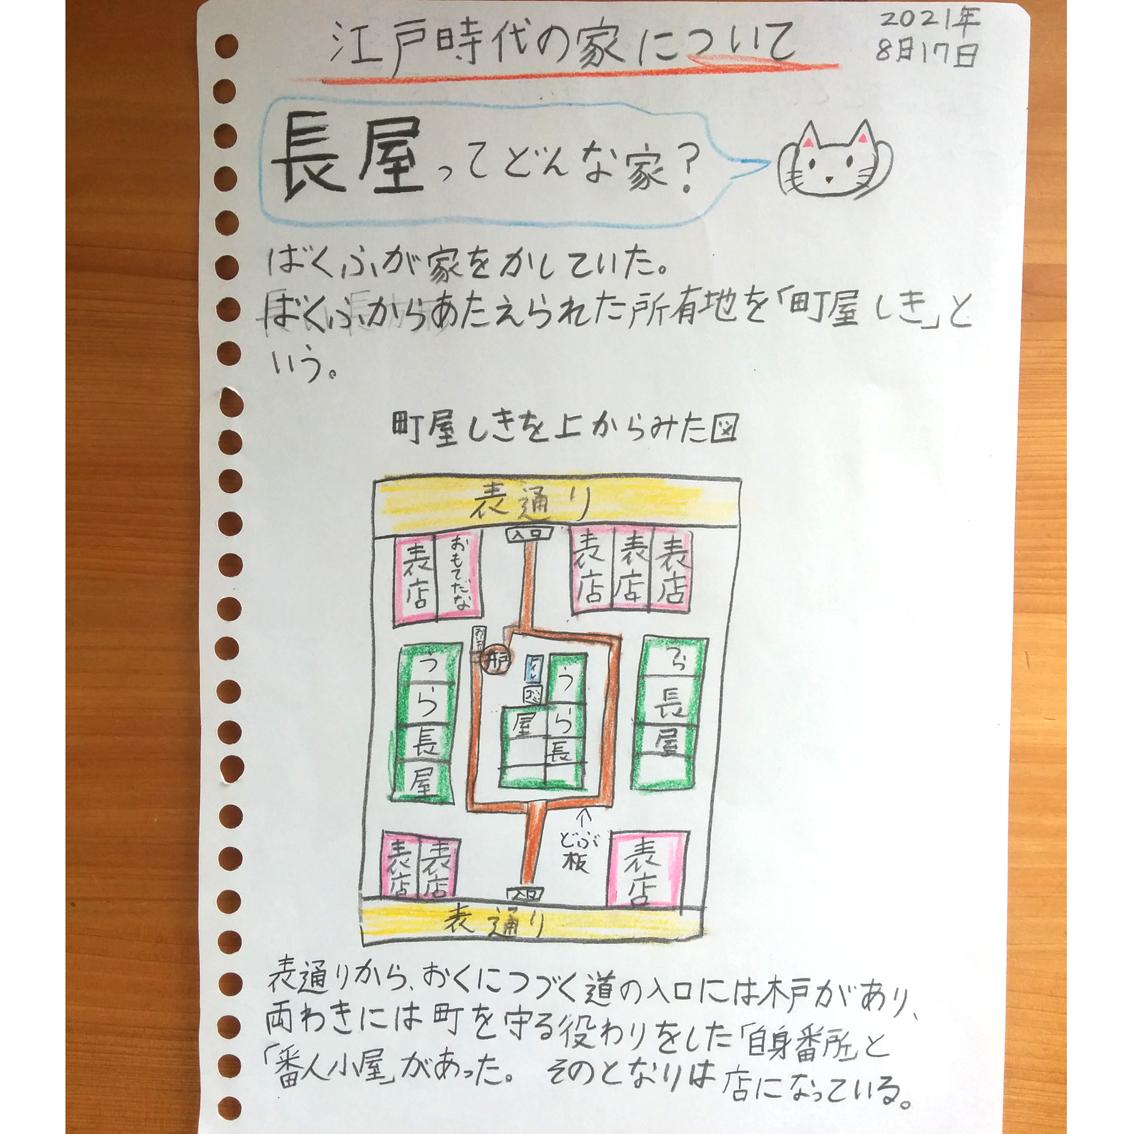 f:id:haruya-oyako:20210824151258j:plain